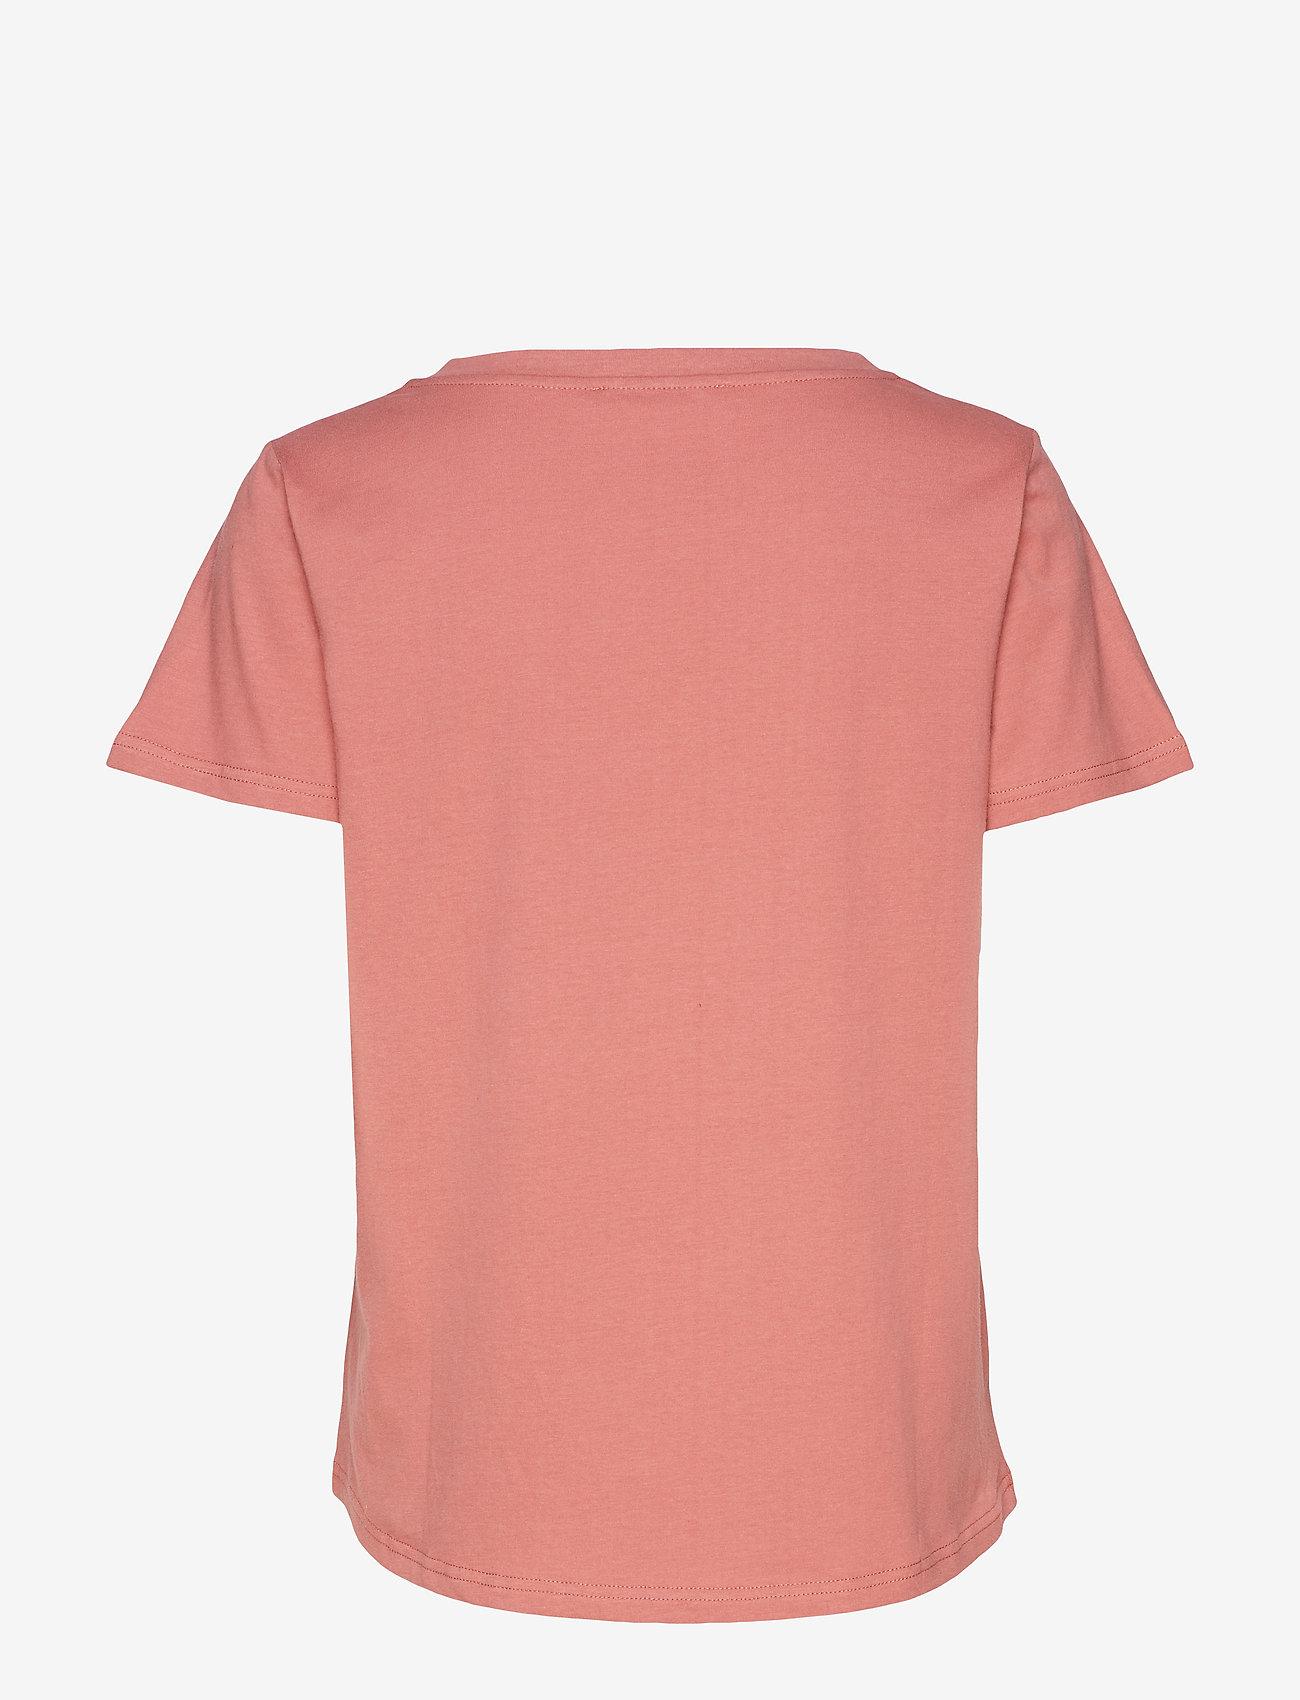 Sofie Schnoor T-shirt - T-shirty i zopy PEARL ROSE - Kobiety Odzież.